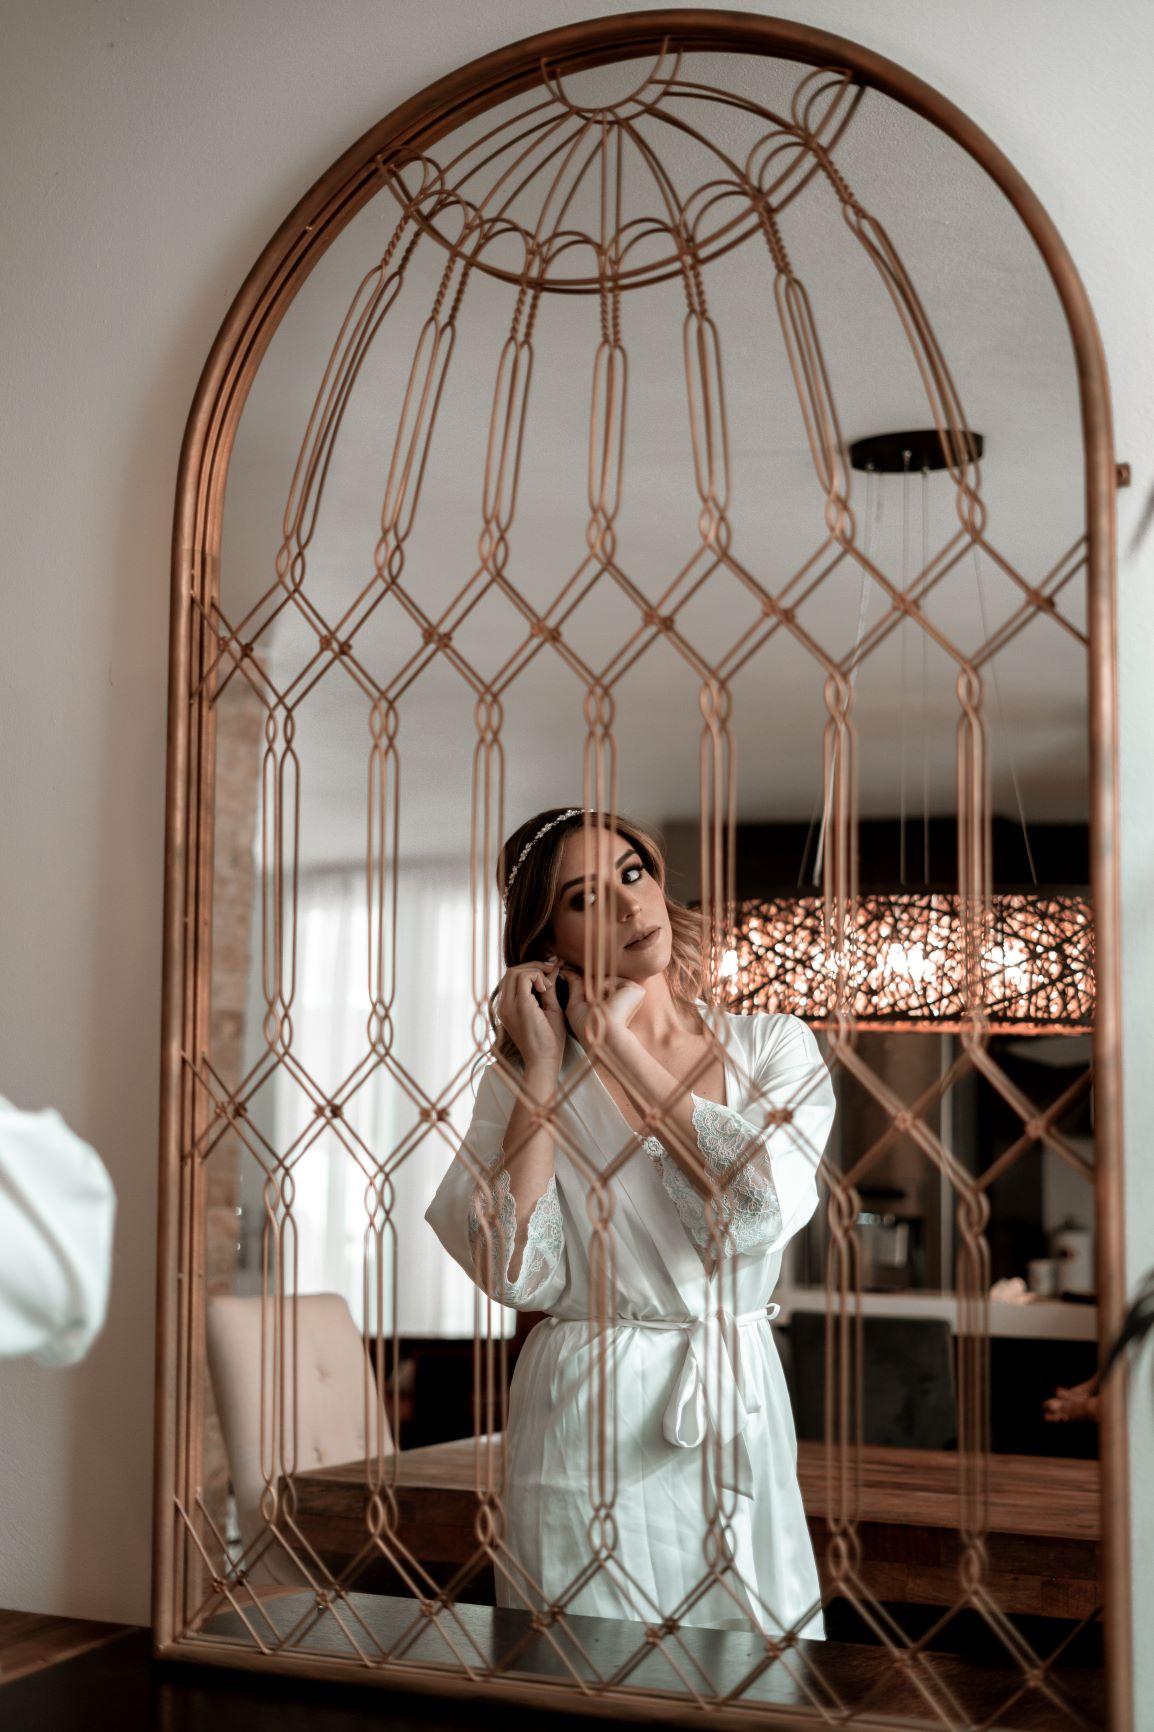 Vestido de la novia: D'Royal Bride. Peinado y maquillaje: Enrique Iglesias (Artonico Stories)